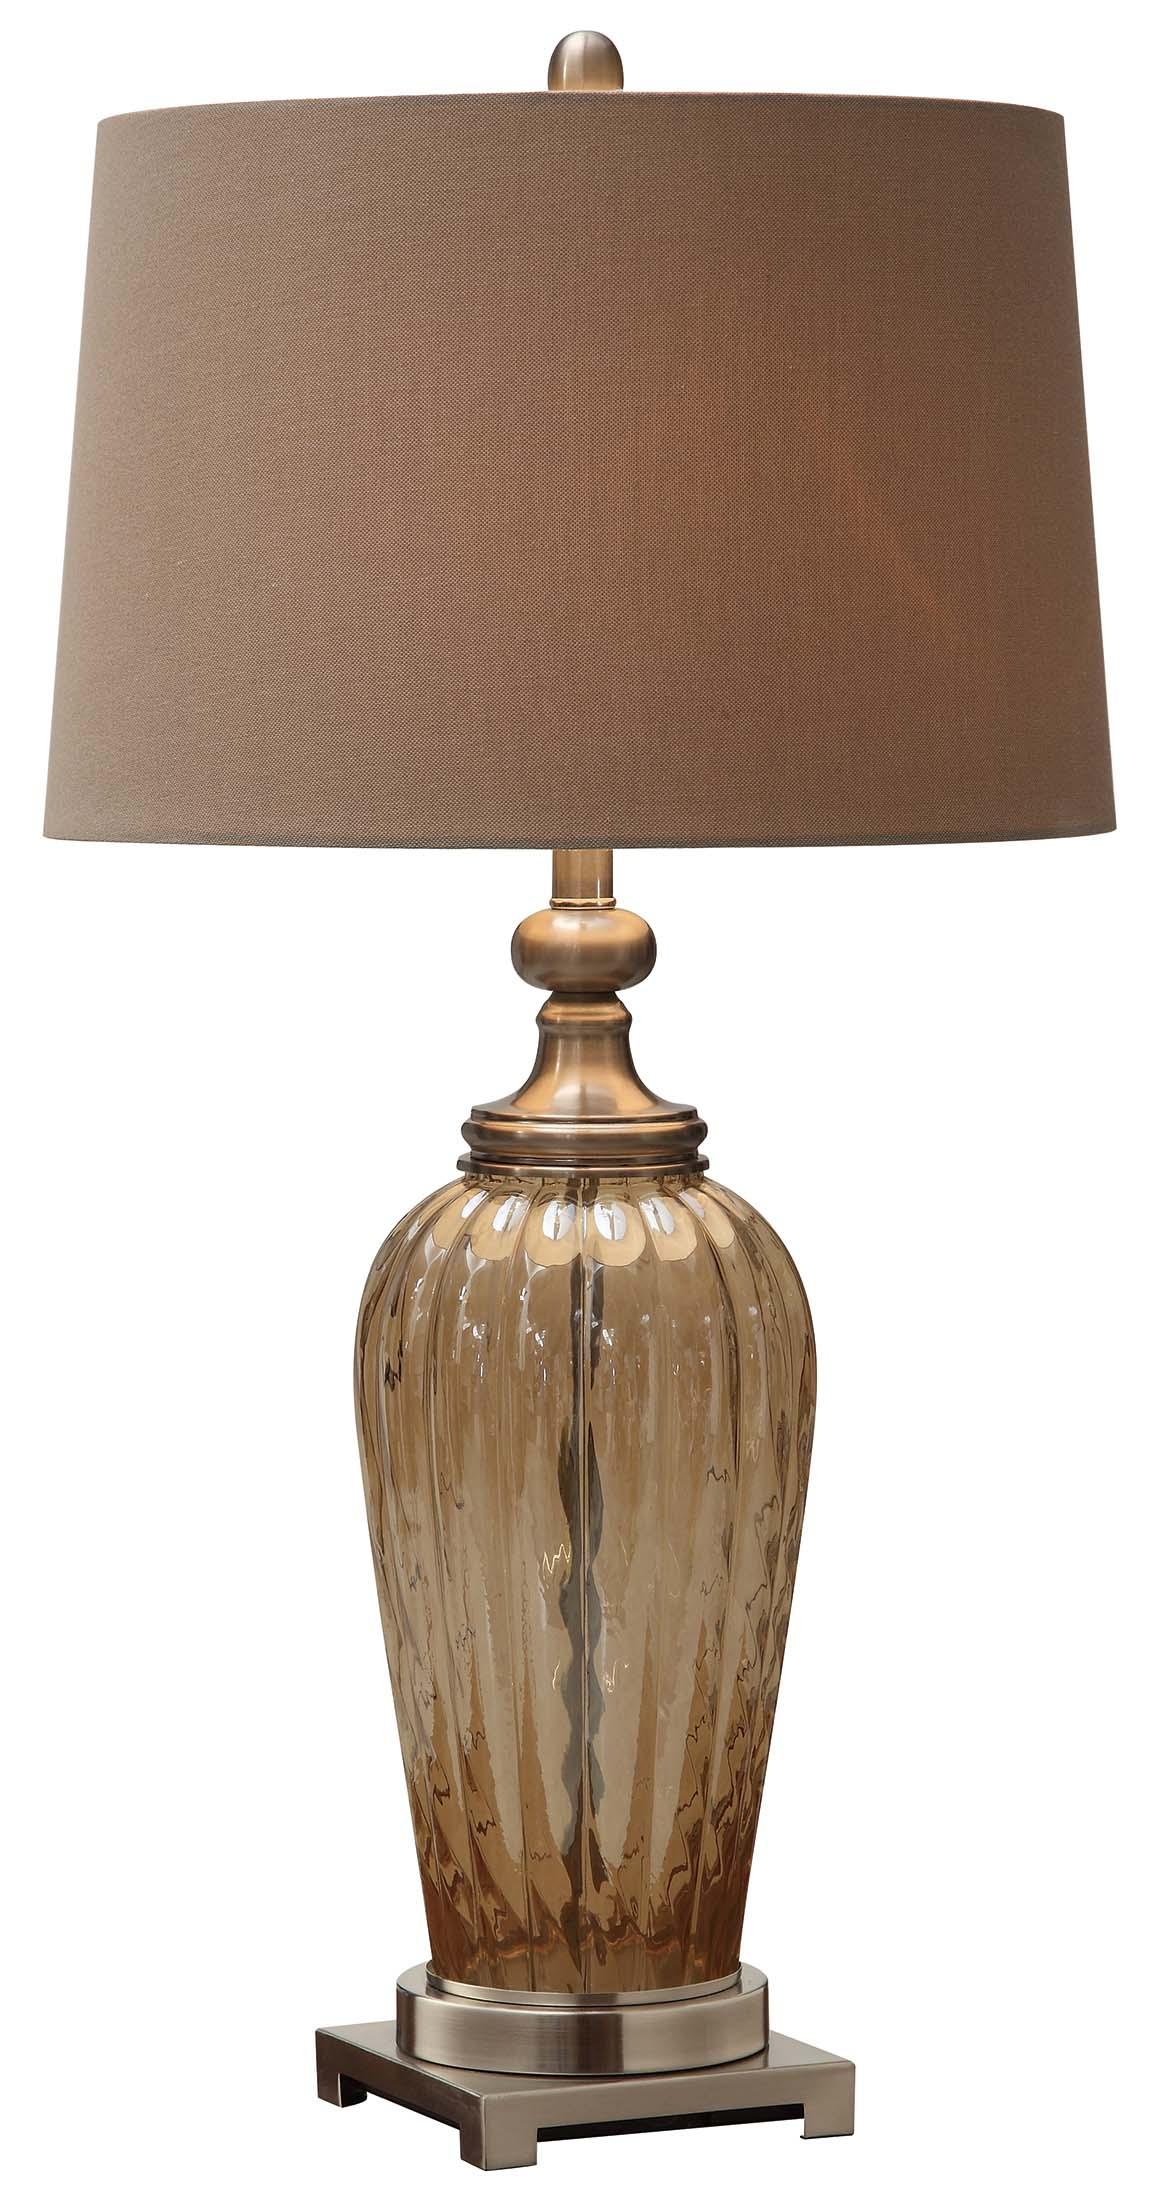 Лампы лавовые - сравните цены и купите в подарок по низкой